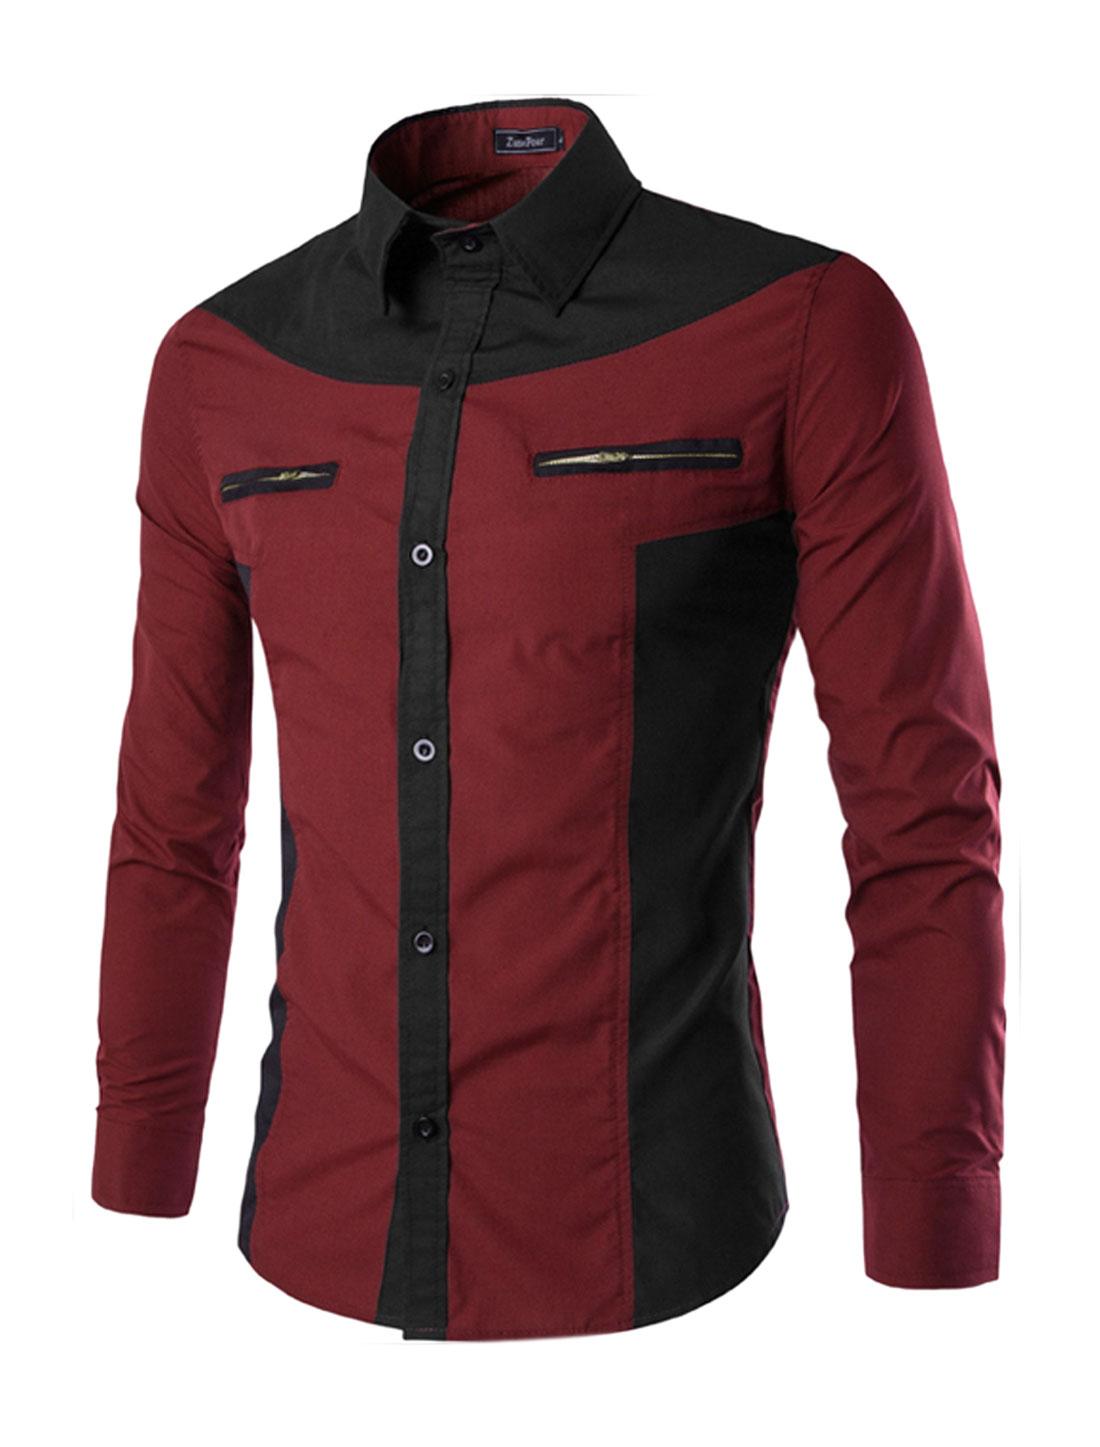 Men Collared Mock Pockets Contrast Color Slim Fit Shirt Red M